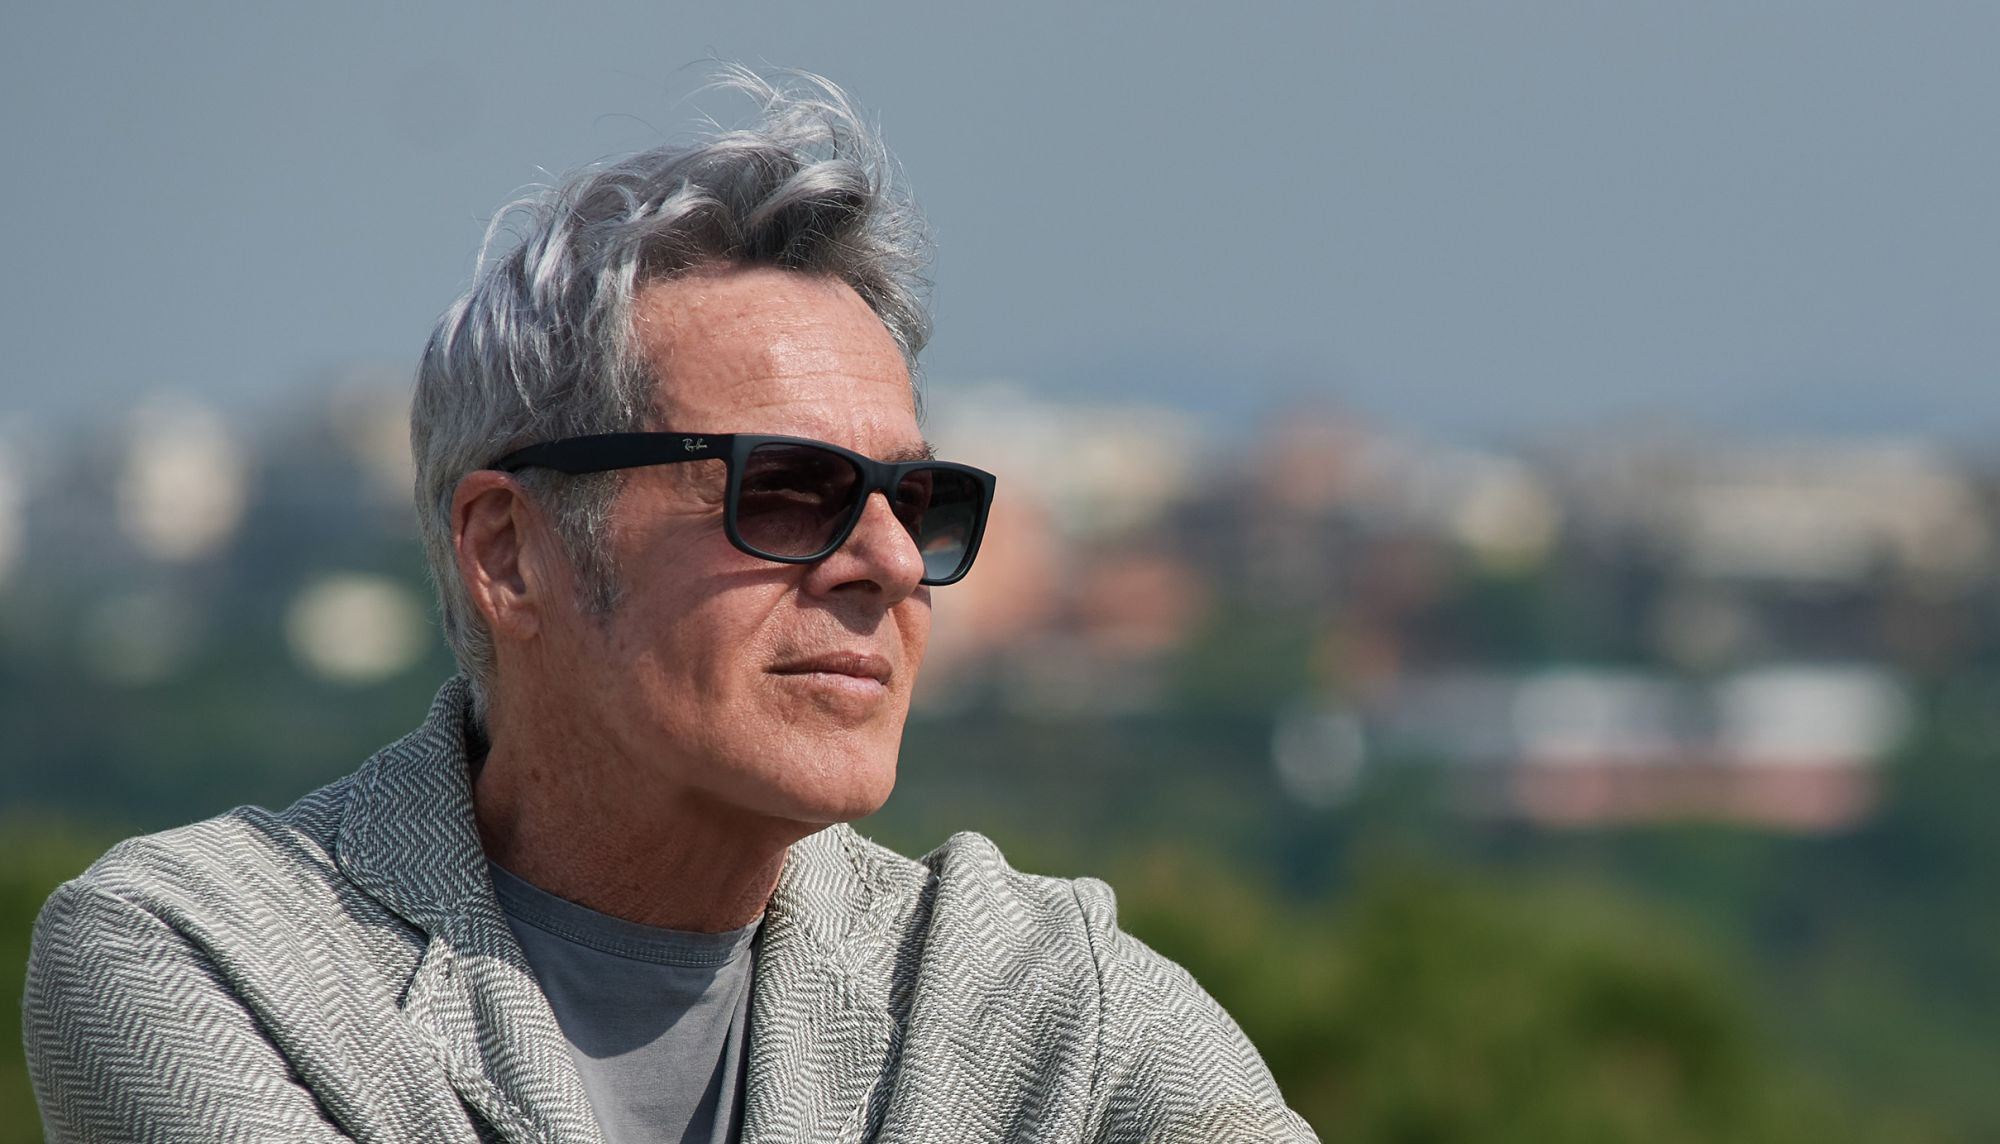 Sanremo 2019 cambia le date e raddoppia? La rivoluzione di Claudio Baglioni